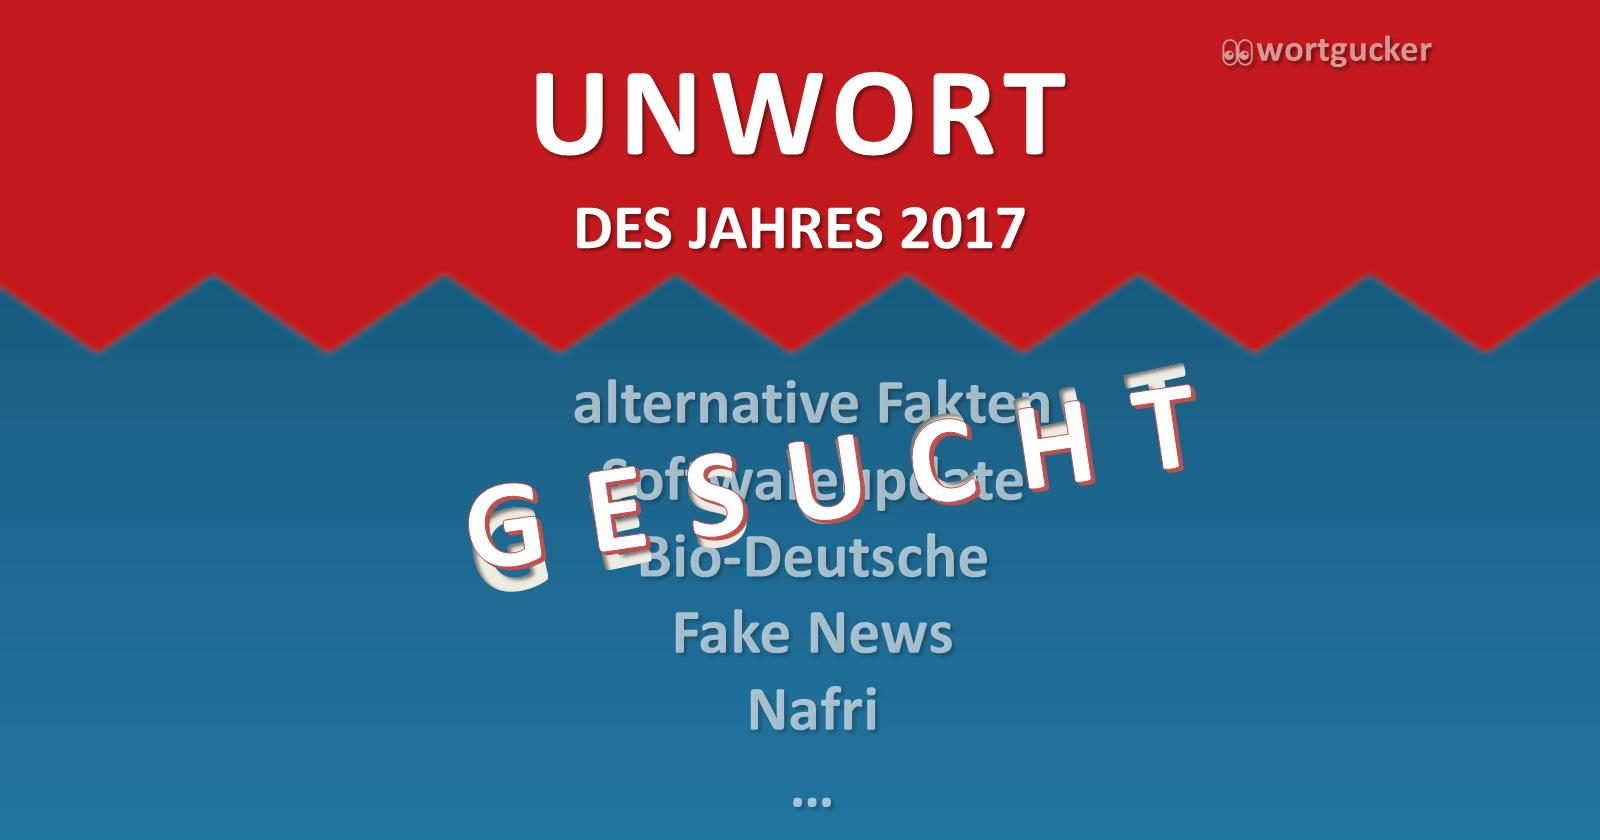 Aufruf zum Unwort des Jahres 2017